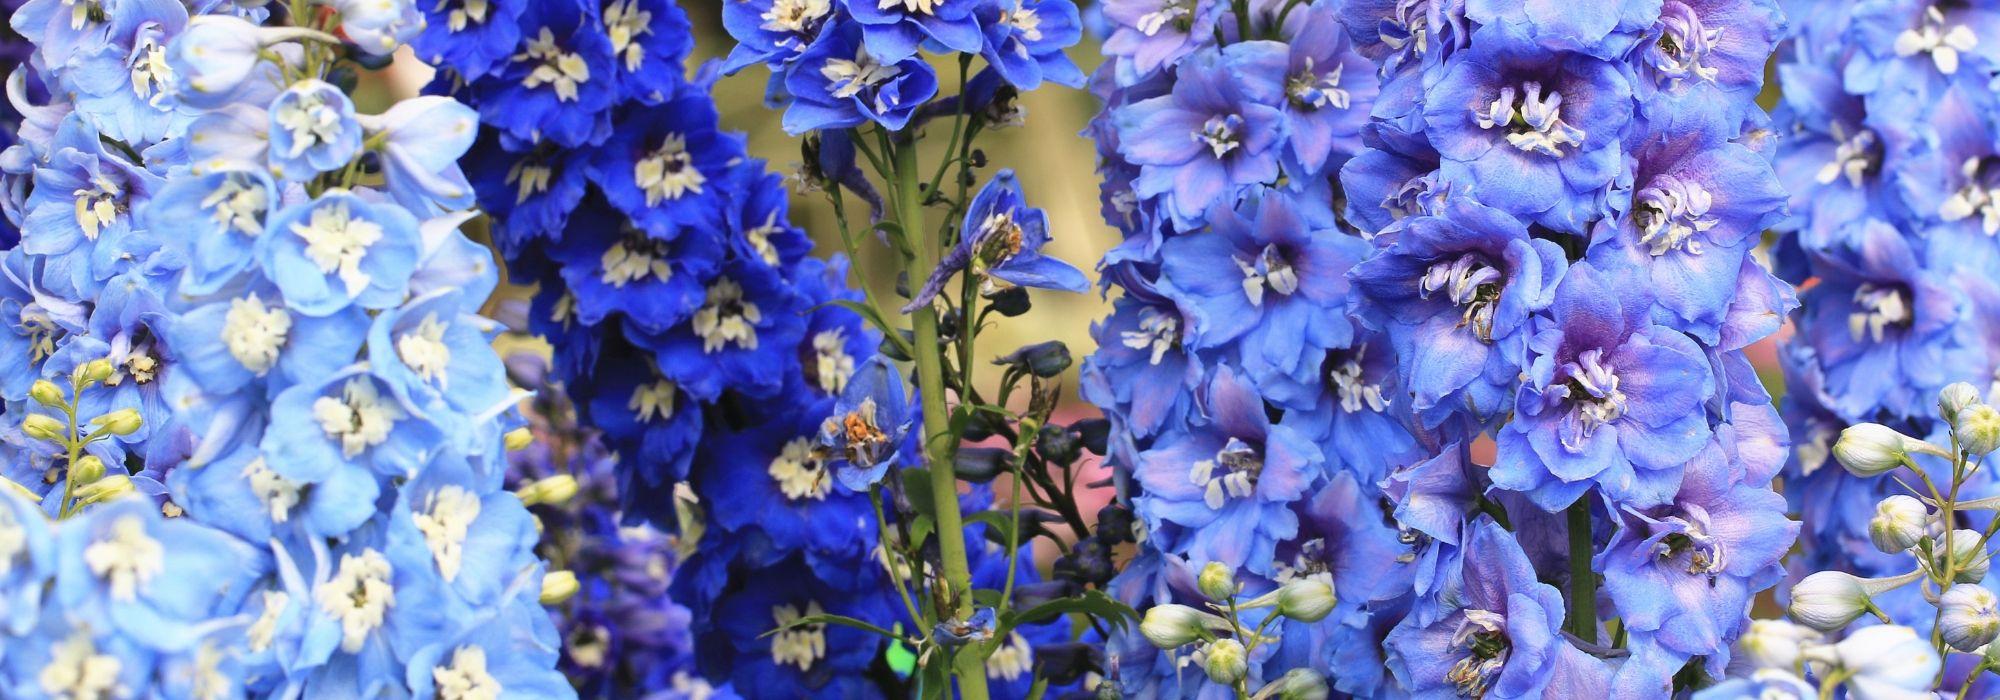 Fleur De Sous Bois Bleue fleurs bleues : 10 vivaces qu'il faut avoir dans son jardin